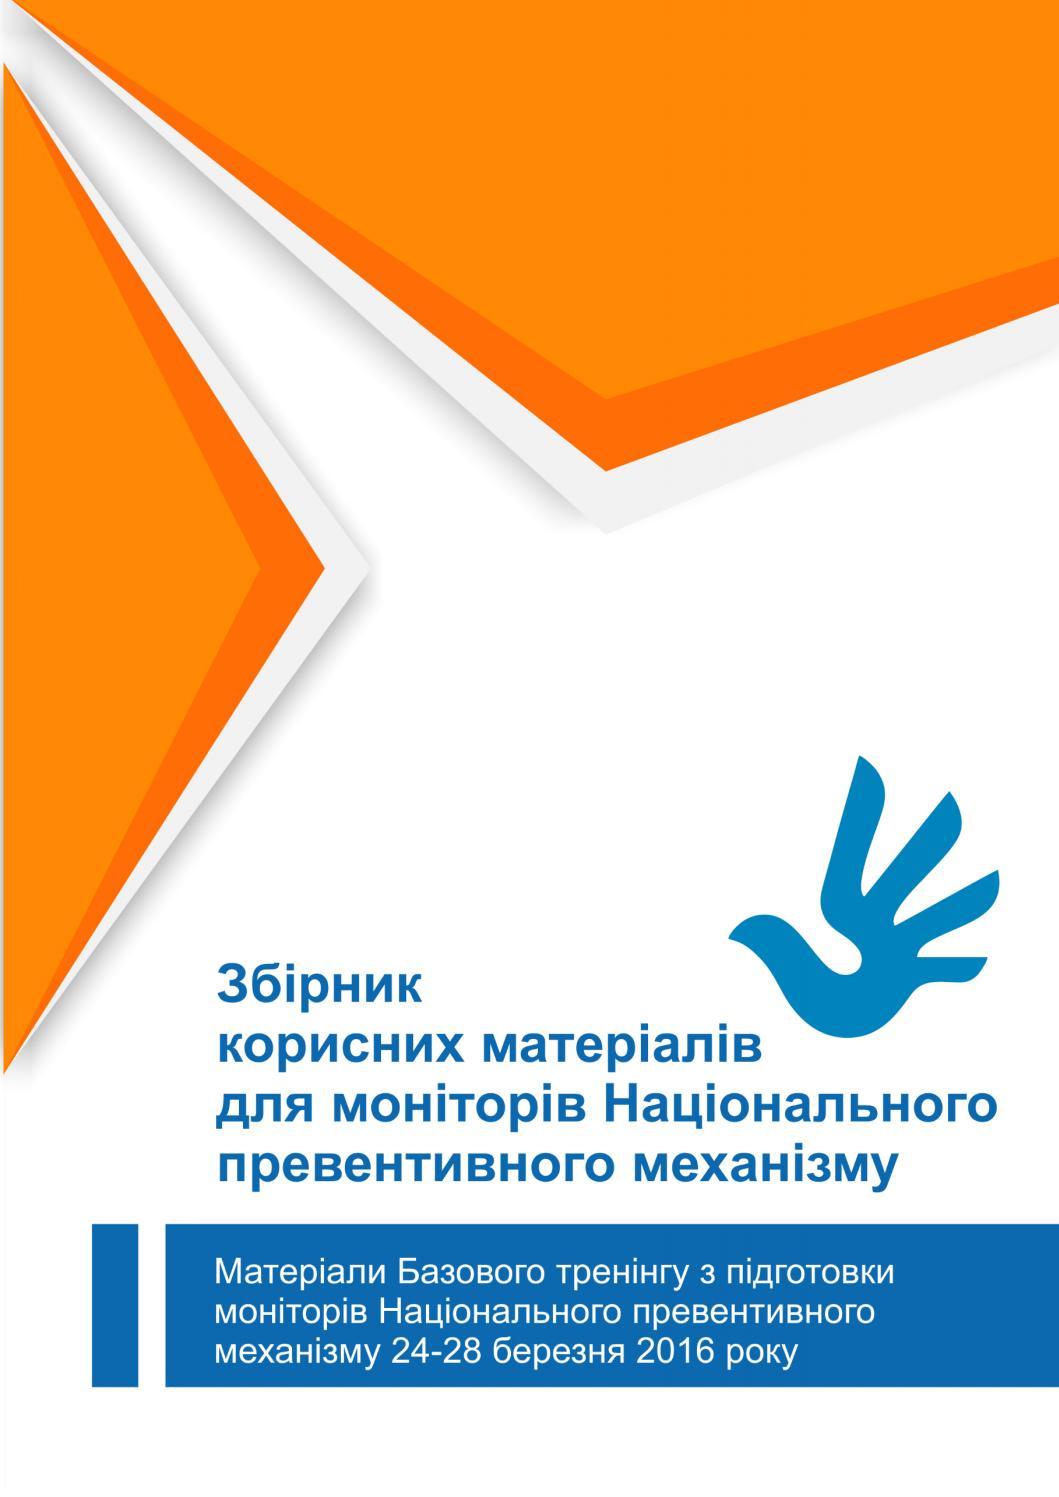 Збірник корисних матеріалів для моніторів Національного превентивного  механізму by United Nations Development Programme in Ukraine - issuu 6b18fc697c8f4